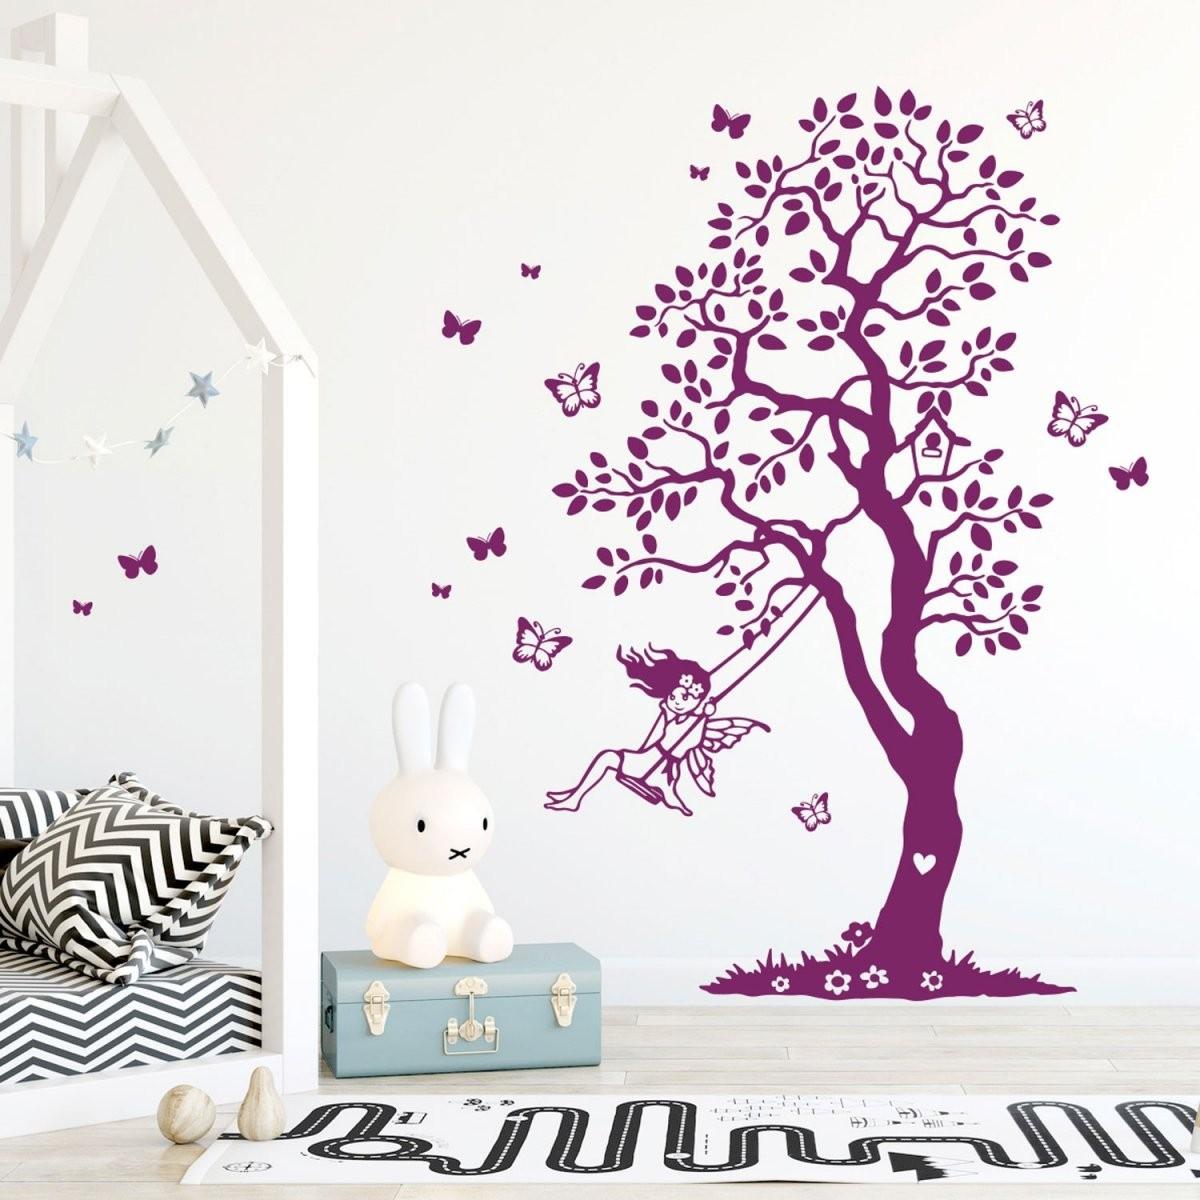 Wandtattoo Baum Elfe Fee Auf Schaukel  Schmetterlinge Kinderzimmer von Wandtattoo Baum Kinderzimmer Xxl Photo